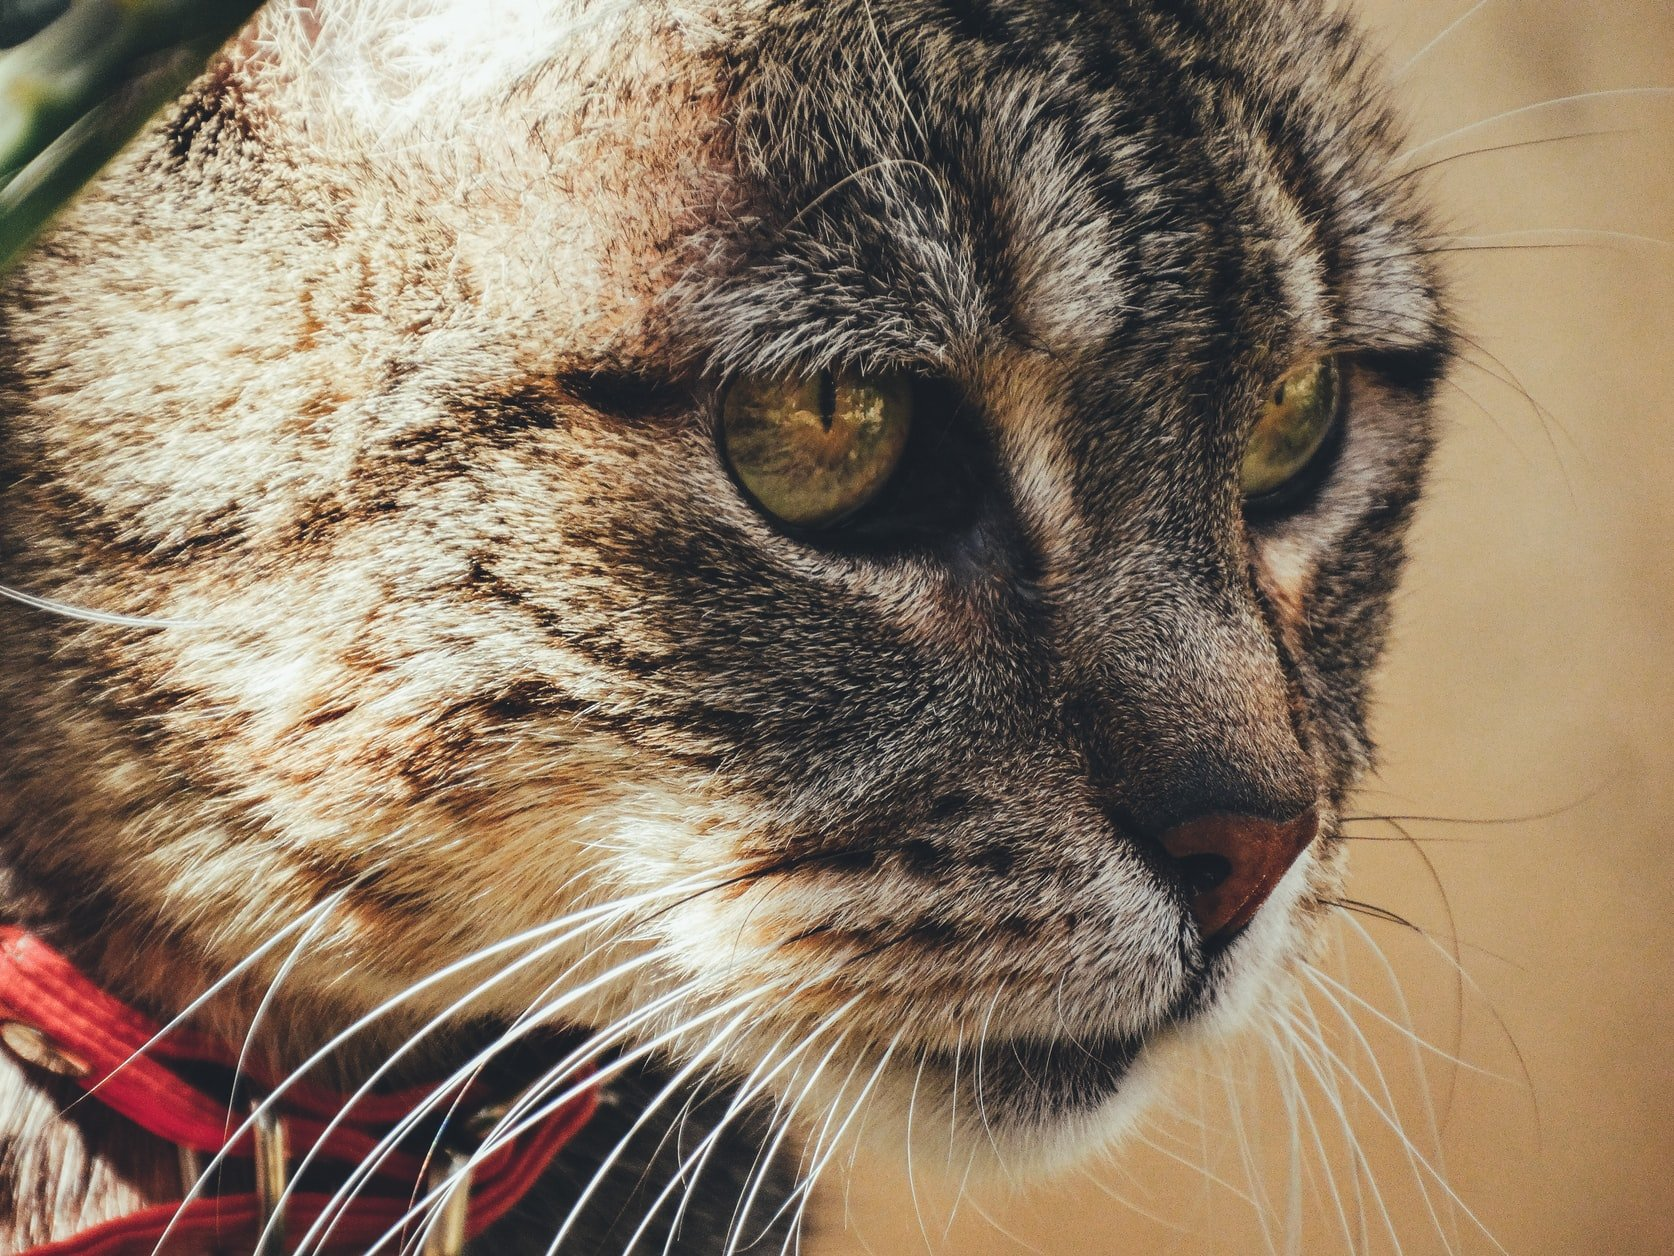 cat sneezing after vet visit